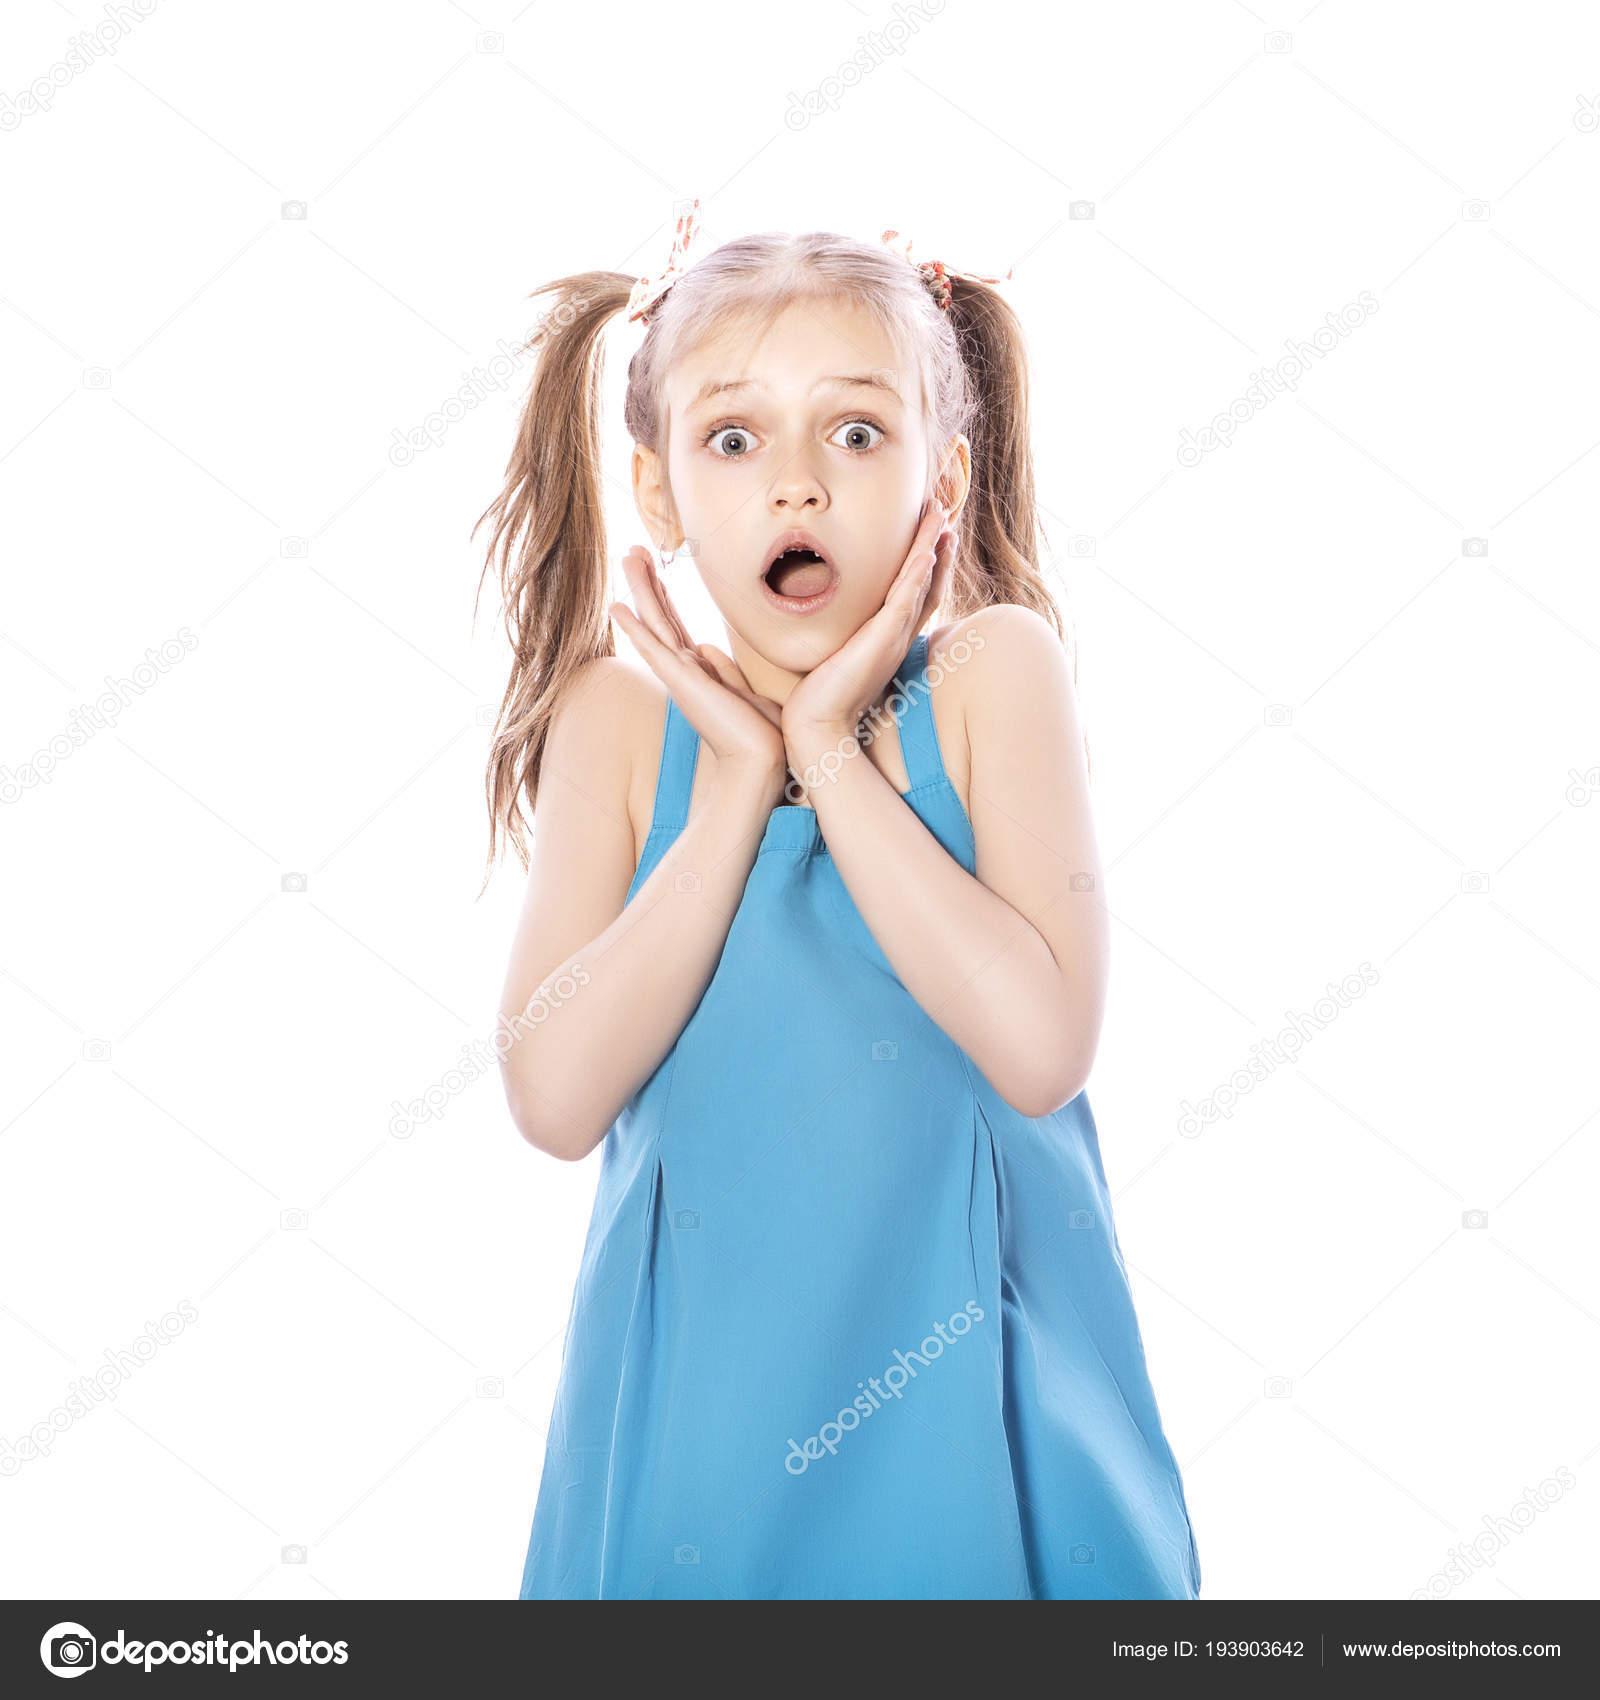 3cfde545f6ea Giovane ragazza bruna di sette anni in vestito blu su sfondo bianco isolato.  Stupore